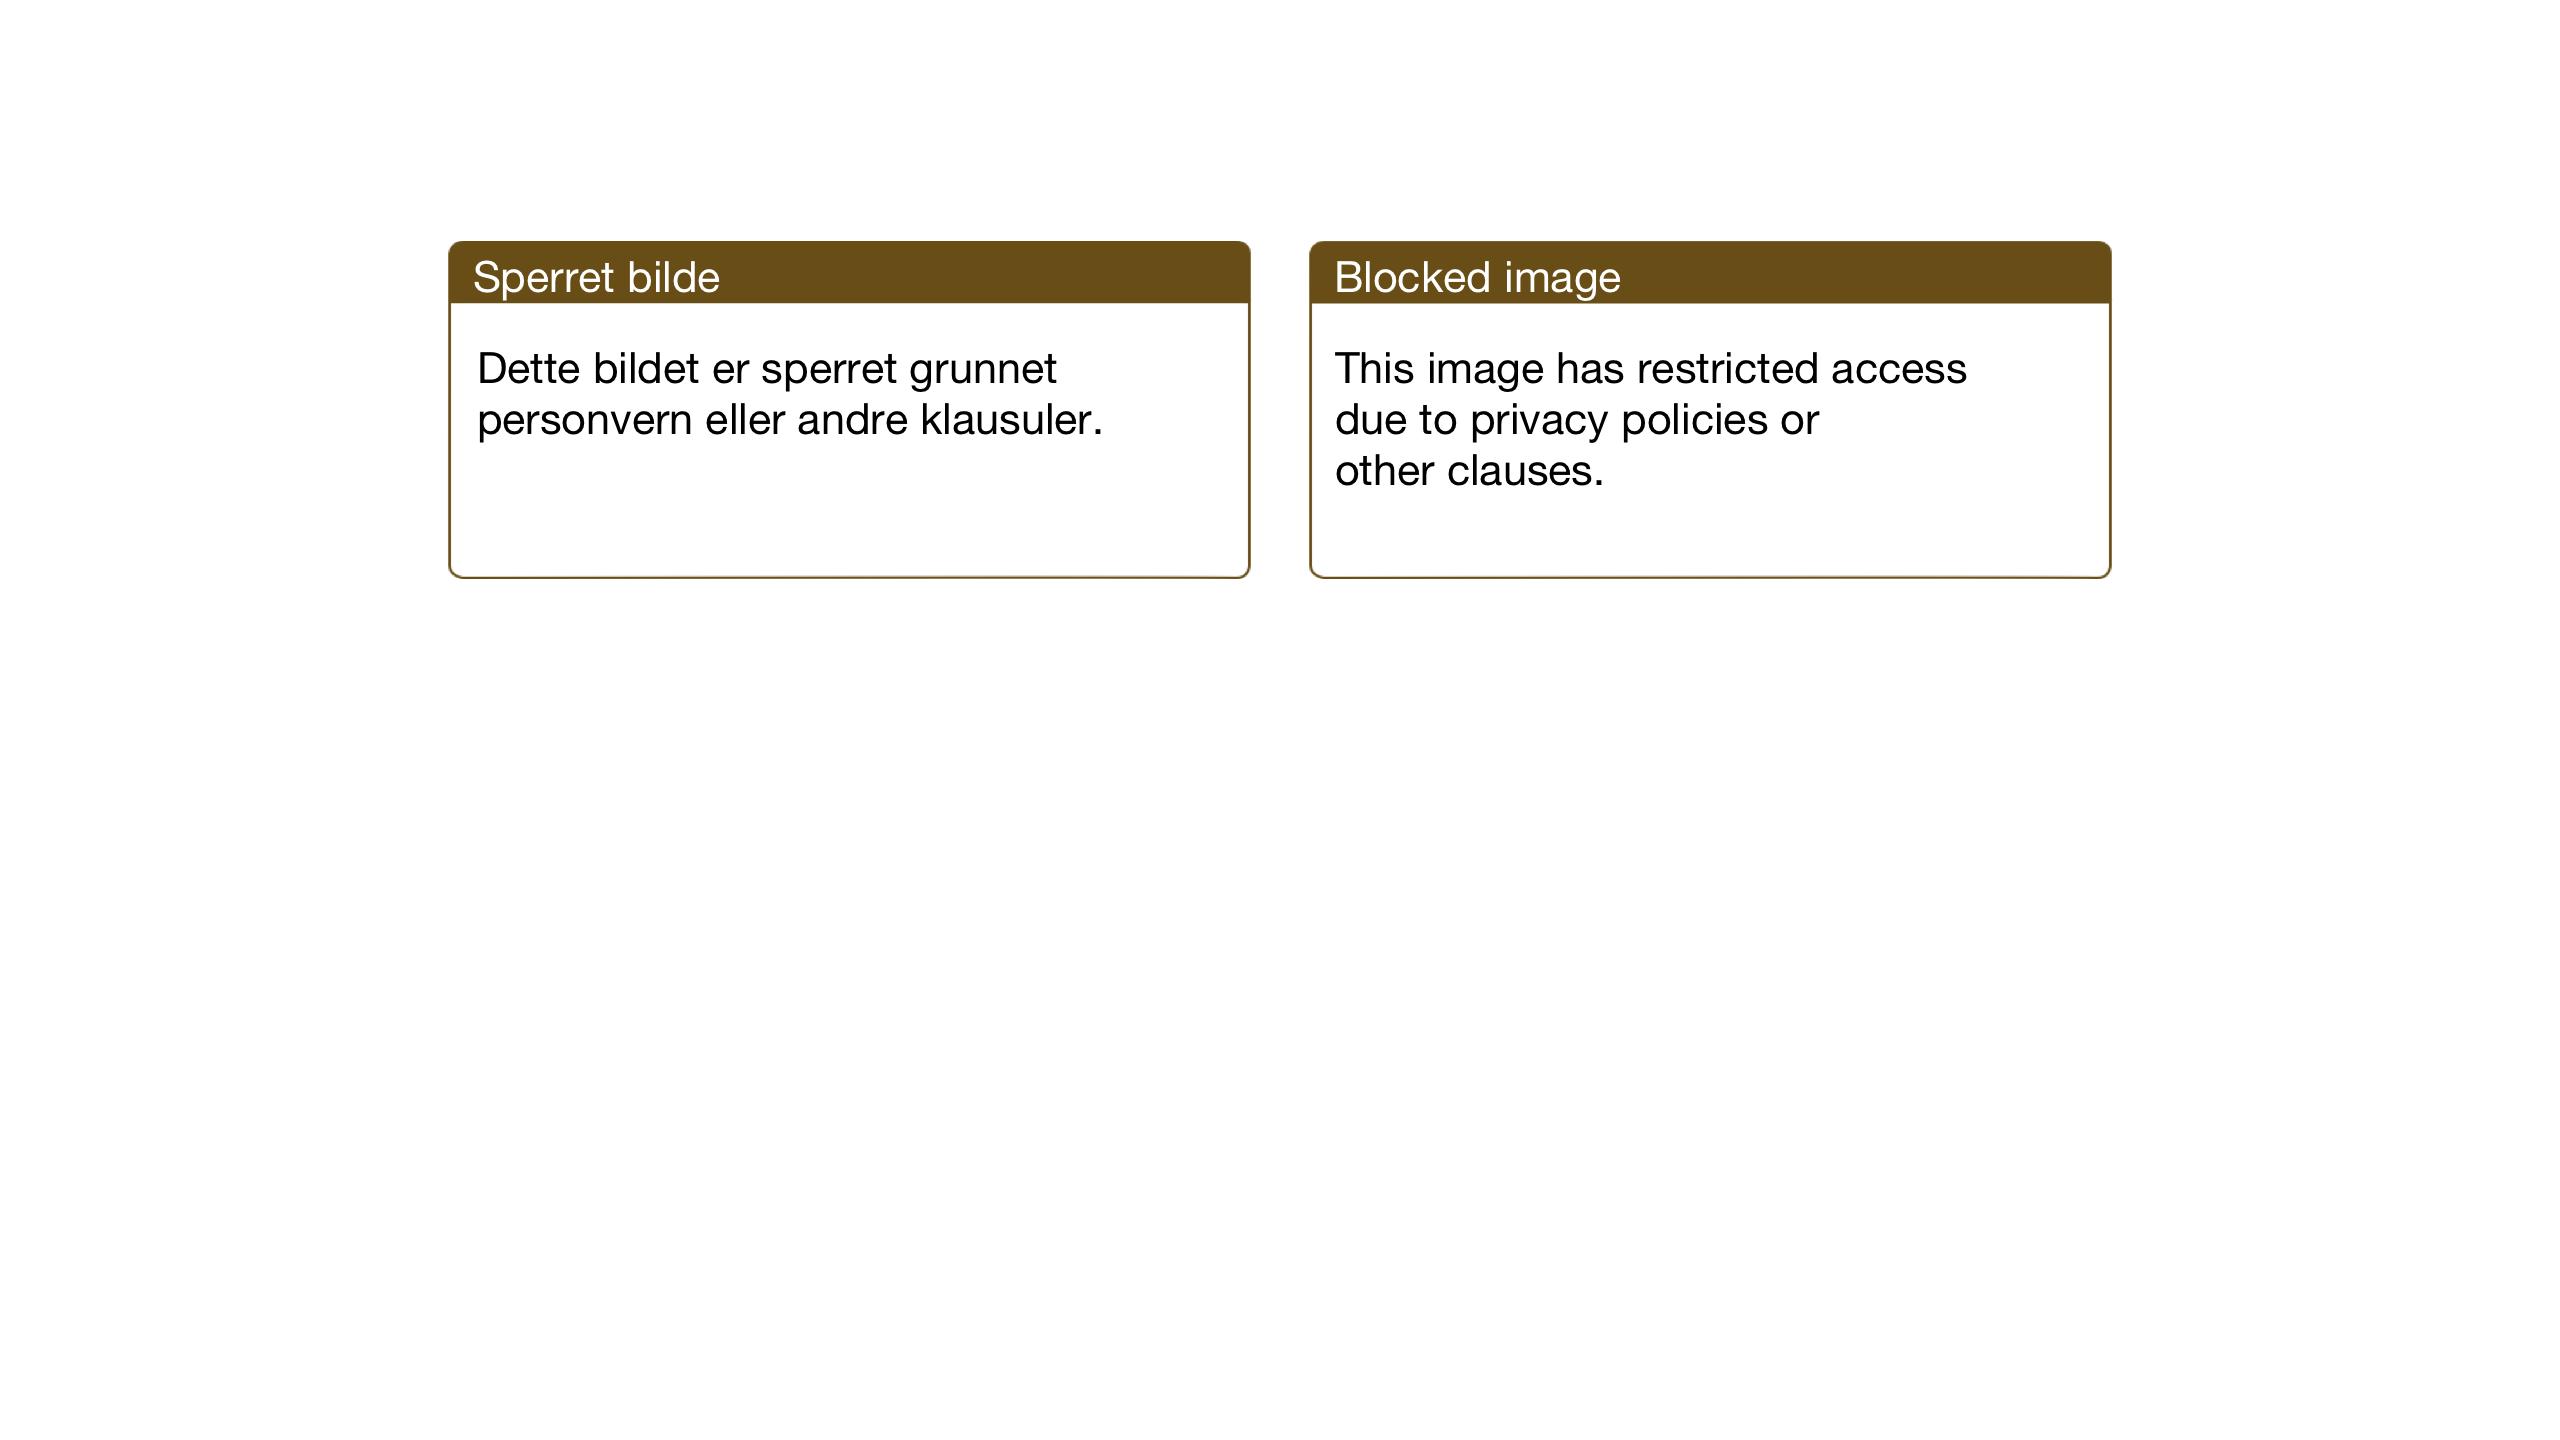 SAT, Ministerialprotokoller, klokkerbøker og fødselsregistre - Sør-Trøndelag, 686/L0986: Klokkerbok nr. 686C02, 1933-1950, s. 96